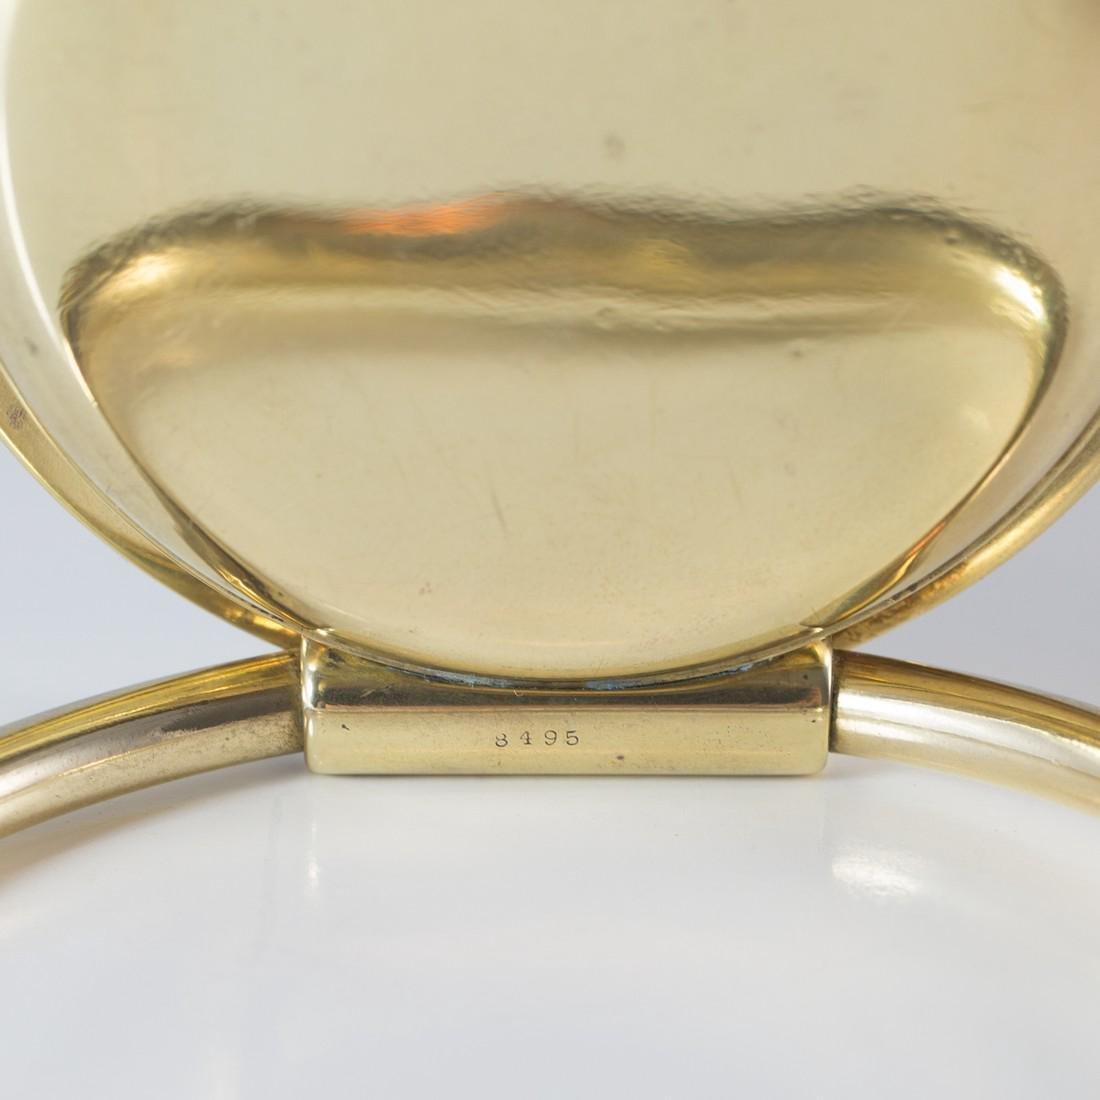 Cartier Swiss 8 Day 10K Gold Filled Travel Desk Clock - 5